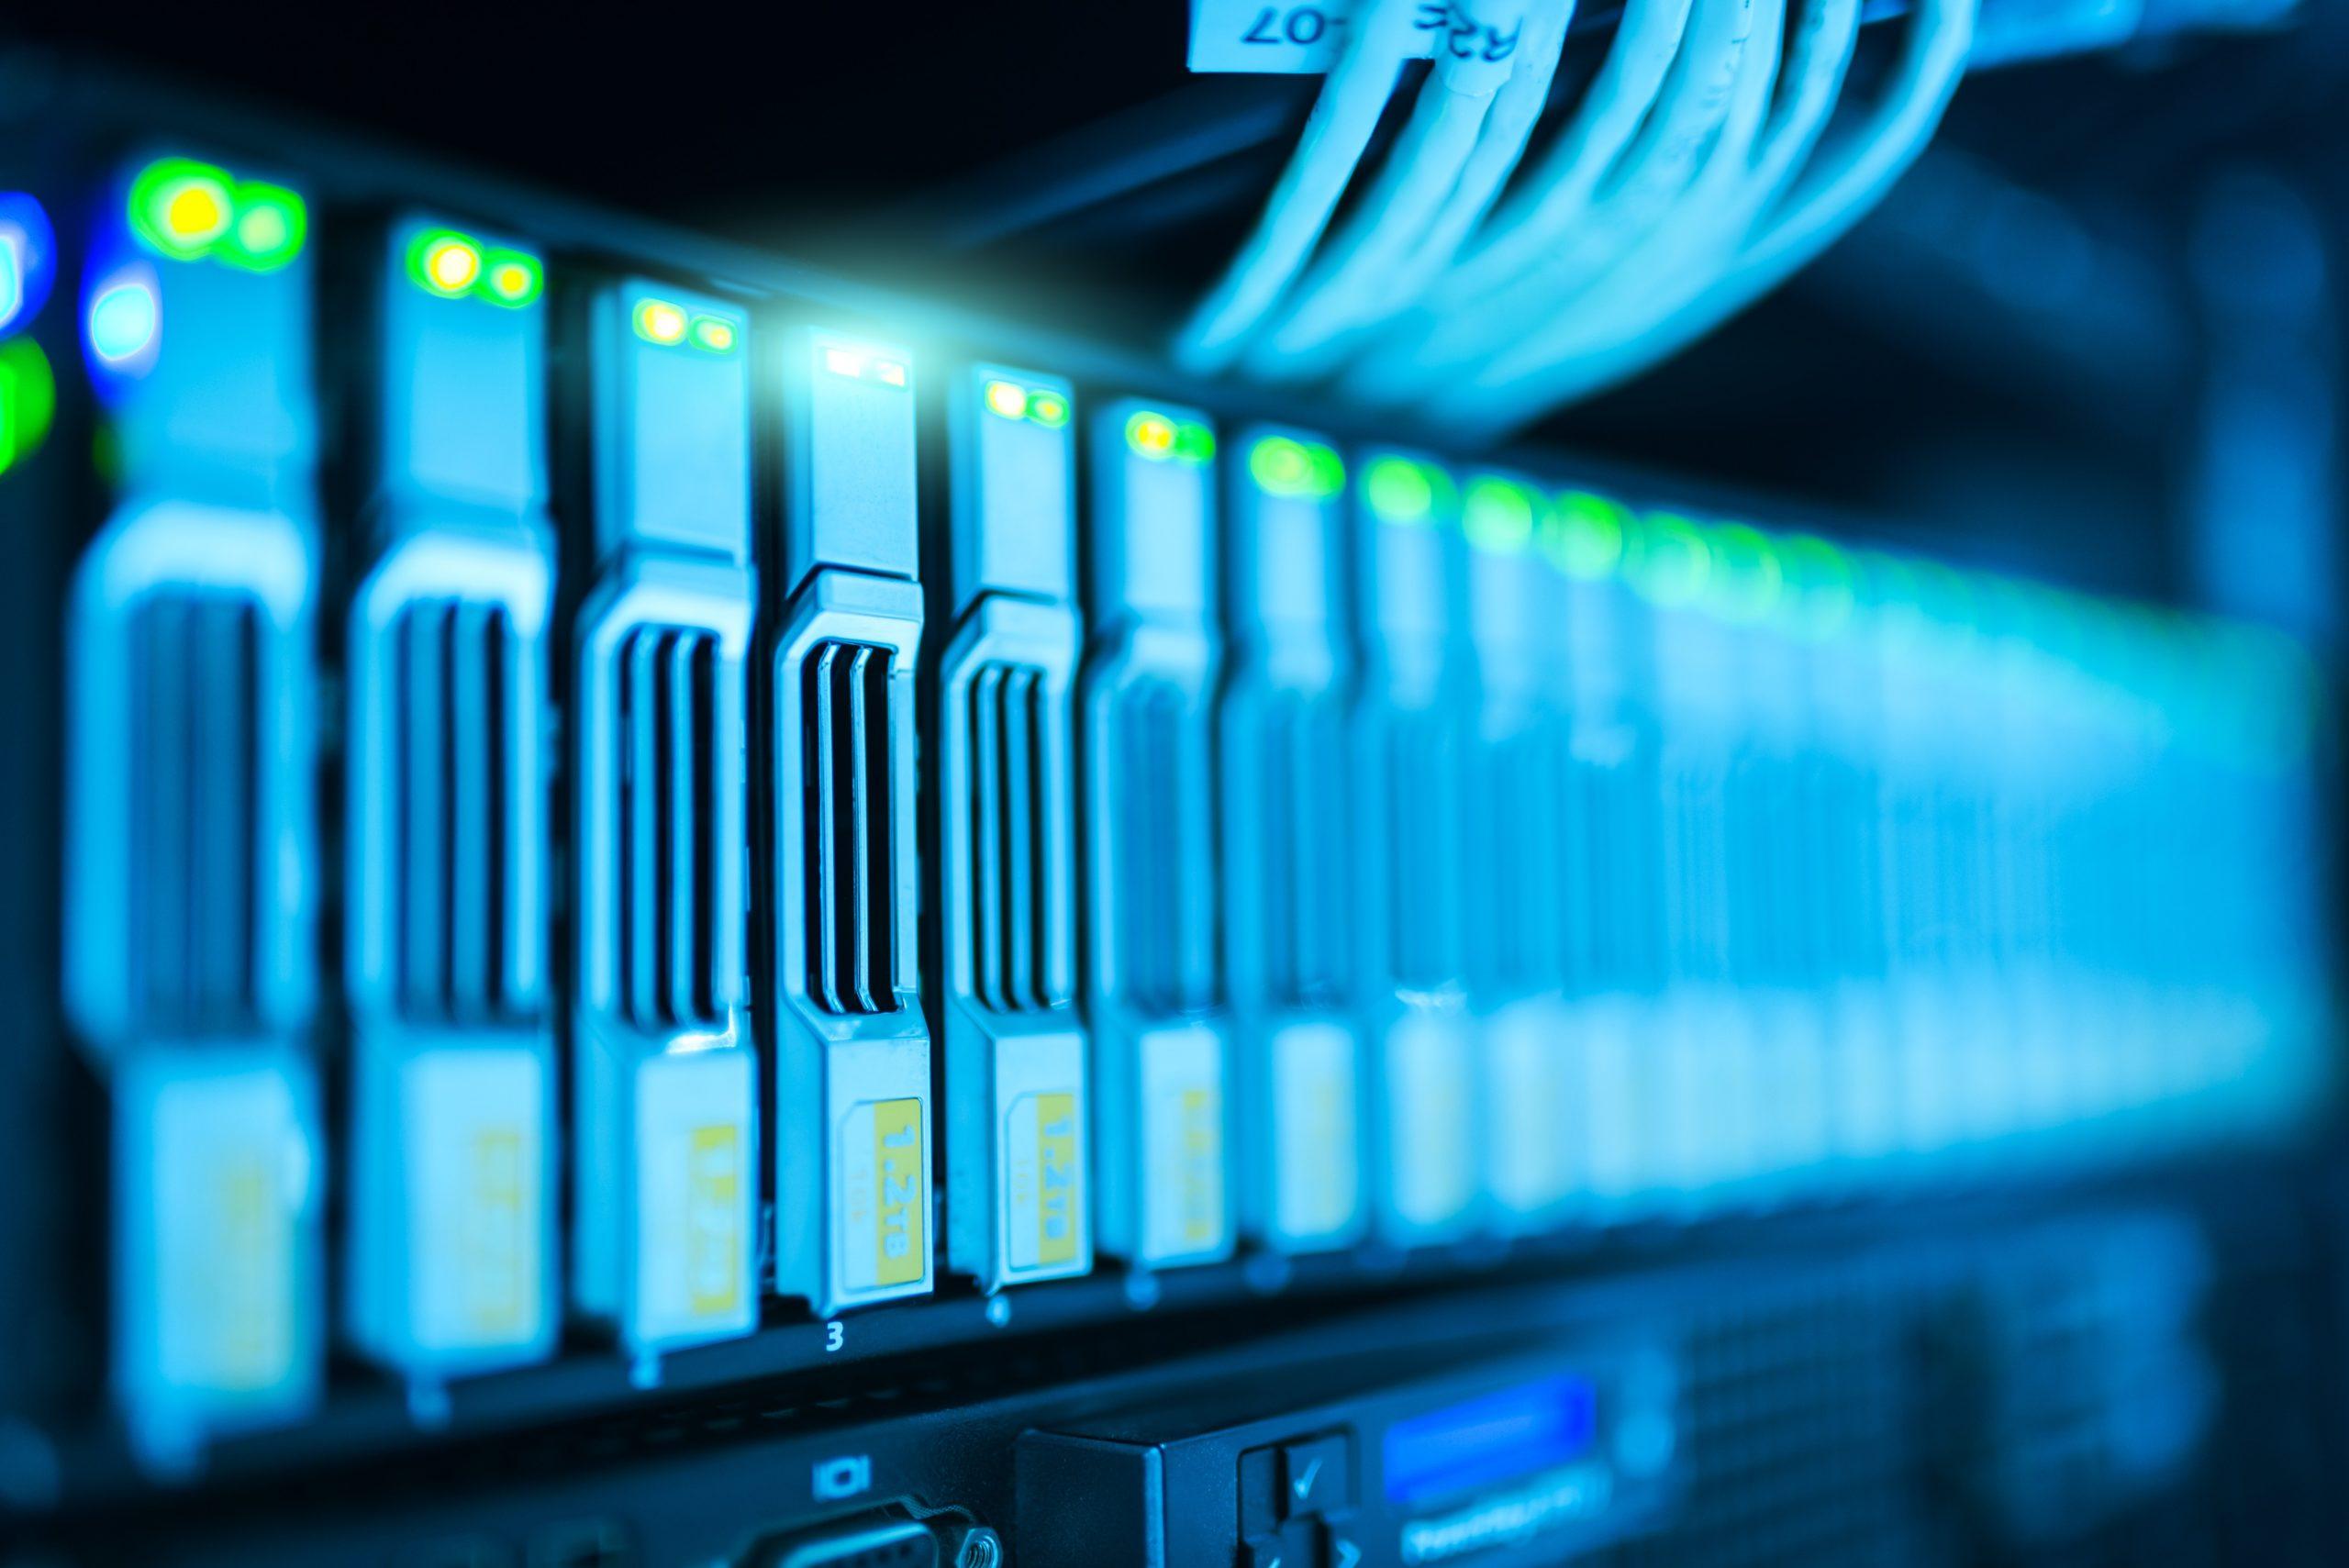 Pengertian Bandwidth Serta Fungsi-fungsinya